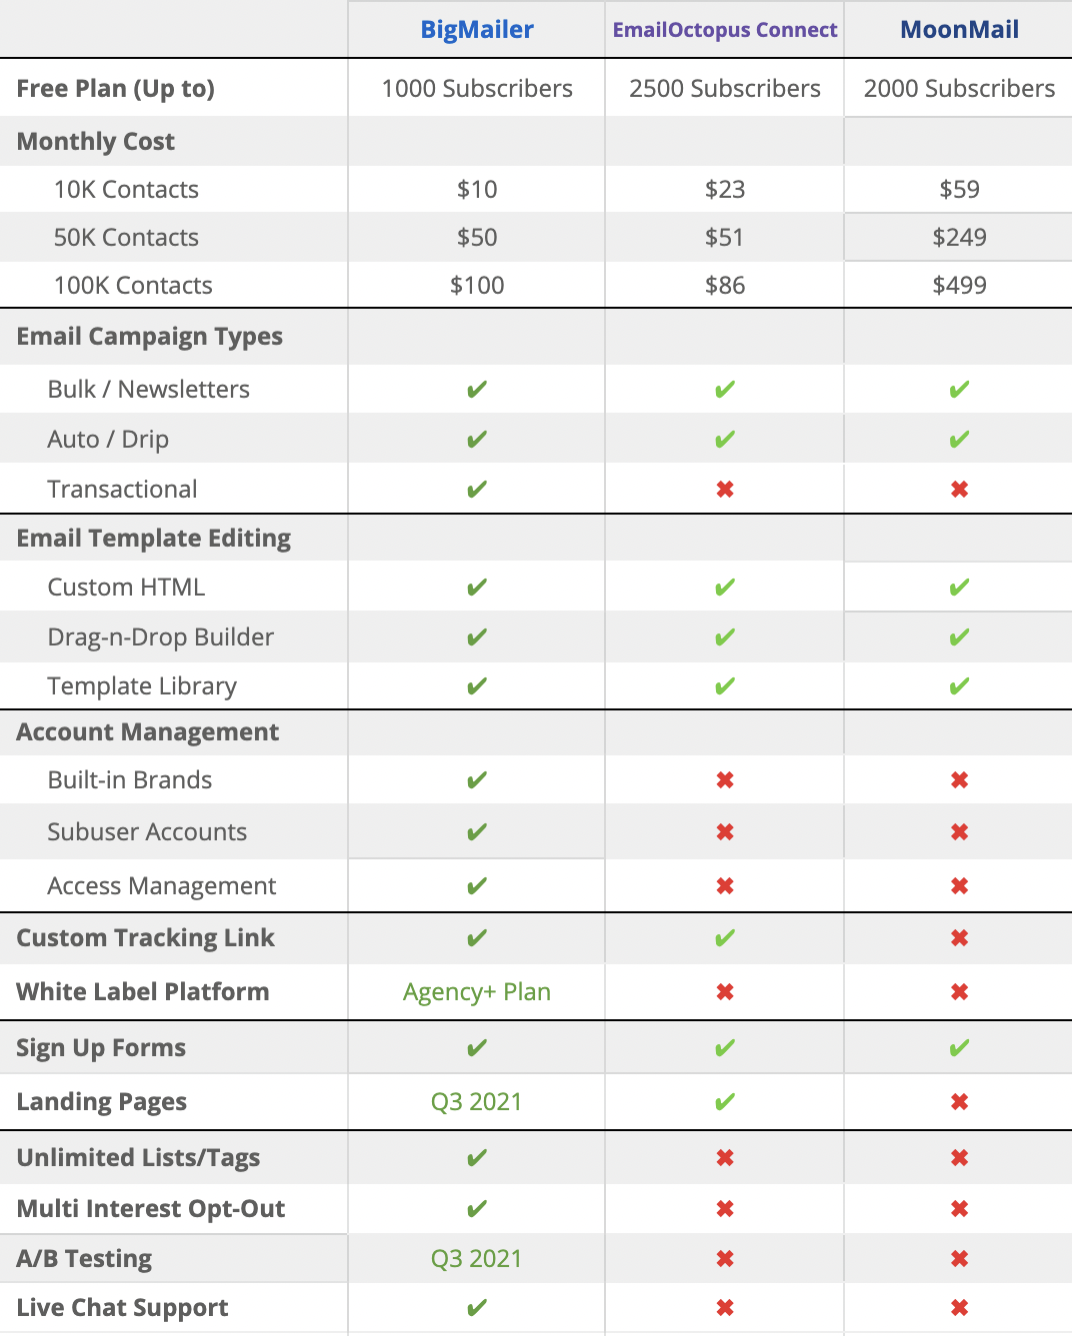 amazon ses email marketing 2021